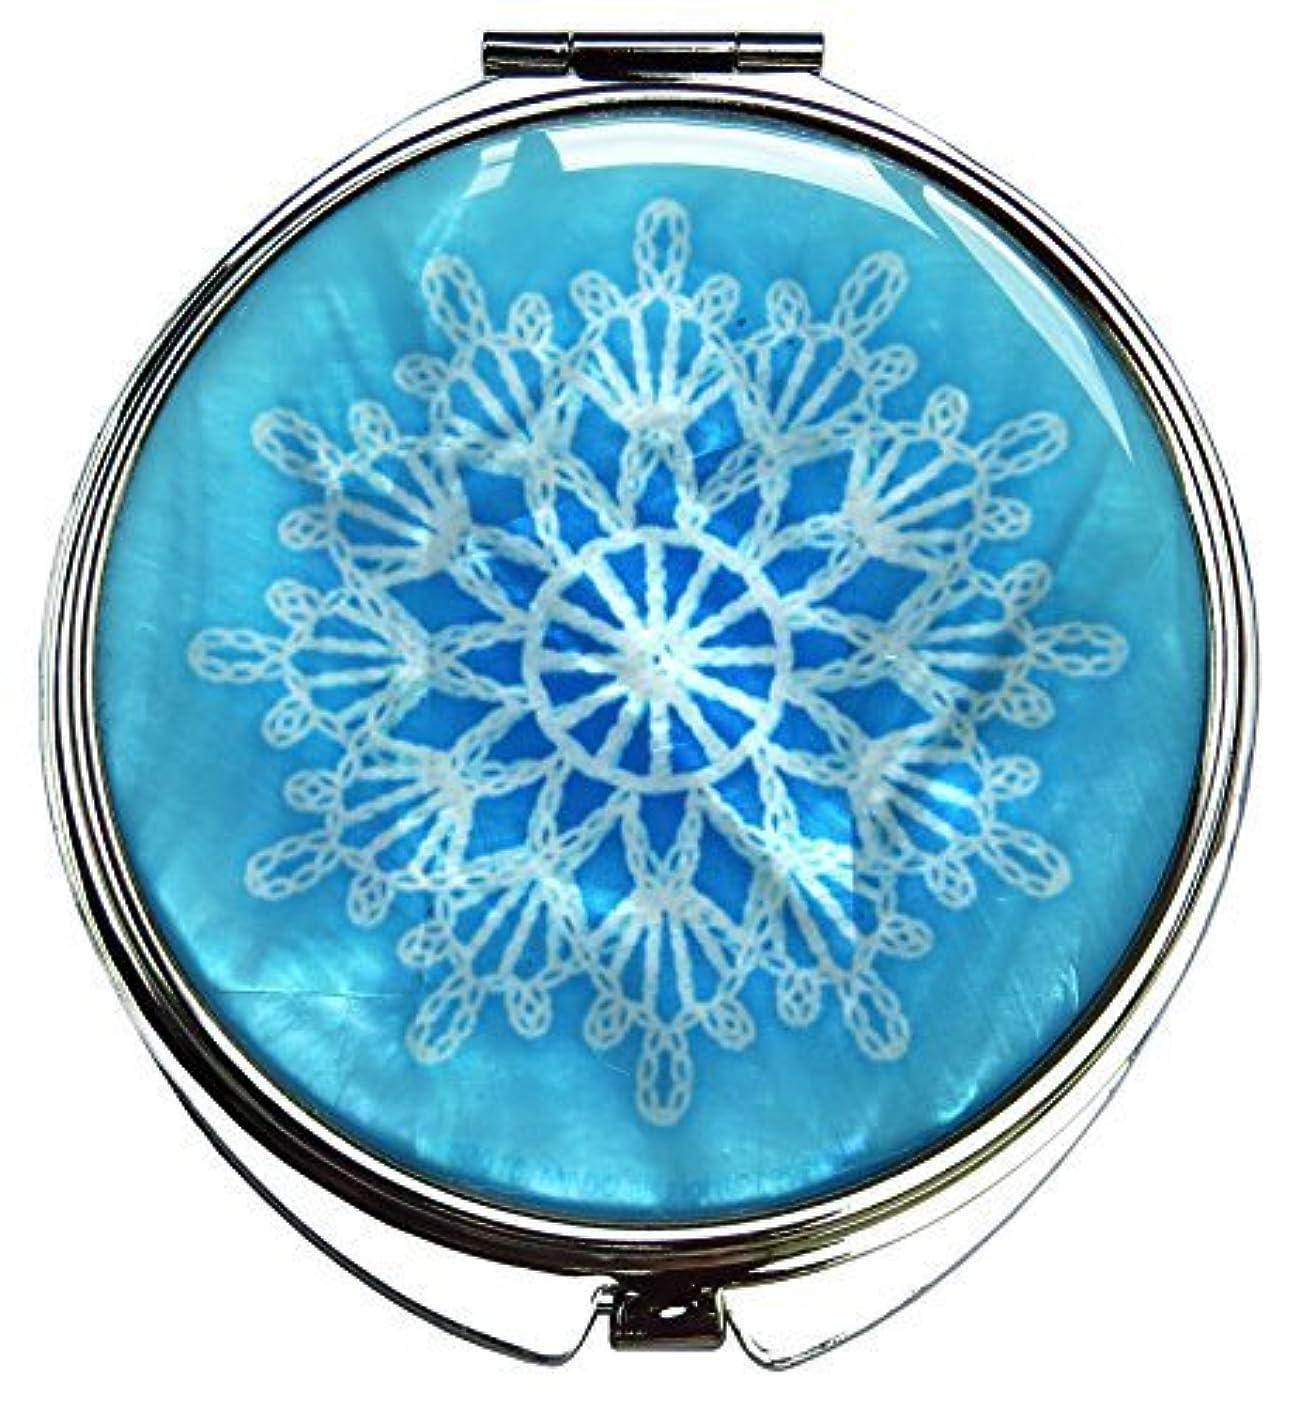 中にポゴスティックジャンプ配管工MADDesign 真珠の金属デュアルコンパクトのスカイブルー折りたたみ化粧鏡の母はスノーフレーク白いレースを拡大します 空色 [並行輸入品]